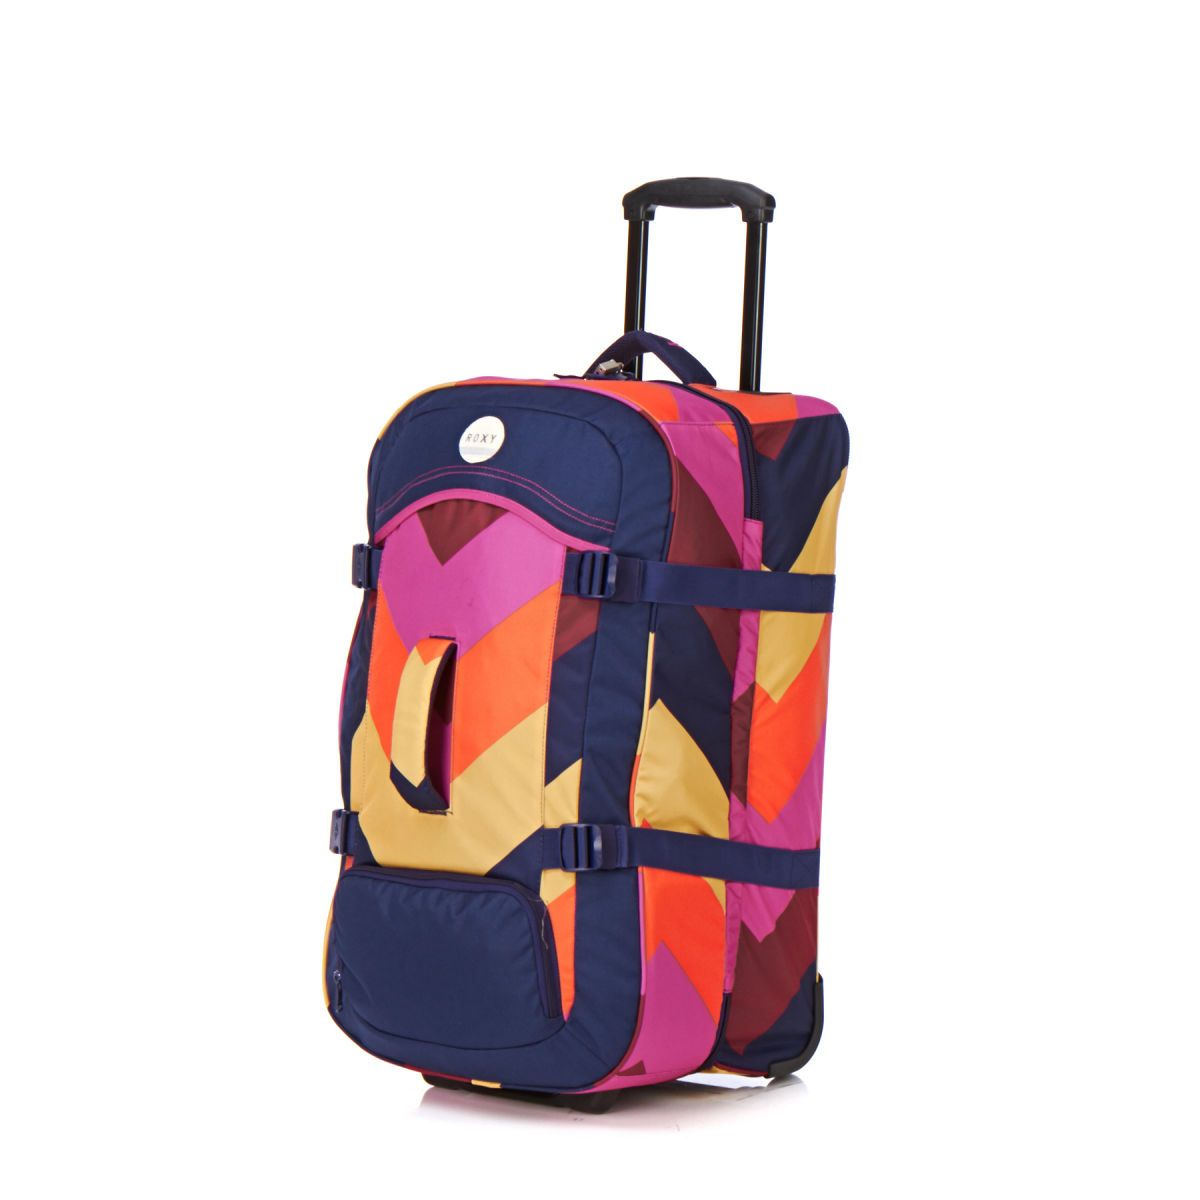 cda3e88e9 Roxy Luggage - Roxy In The Clouds Luggage - Laguna Chevron | Canada ...